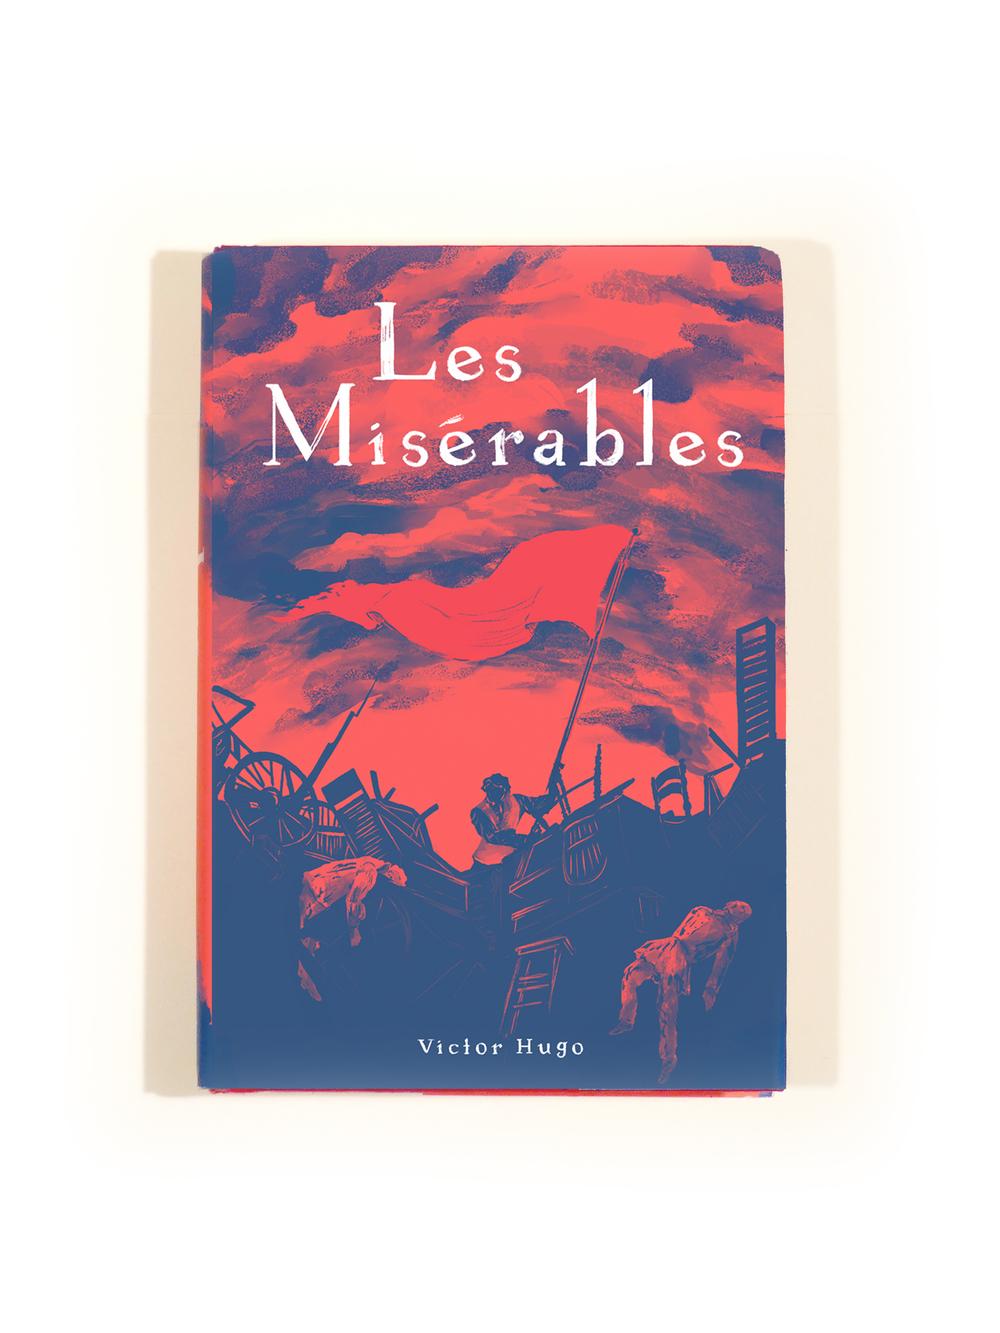 Les Miserables Photograph.jpg